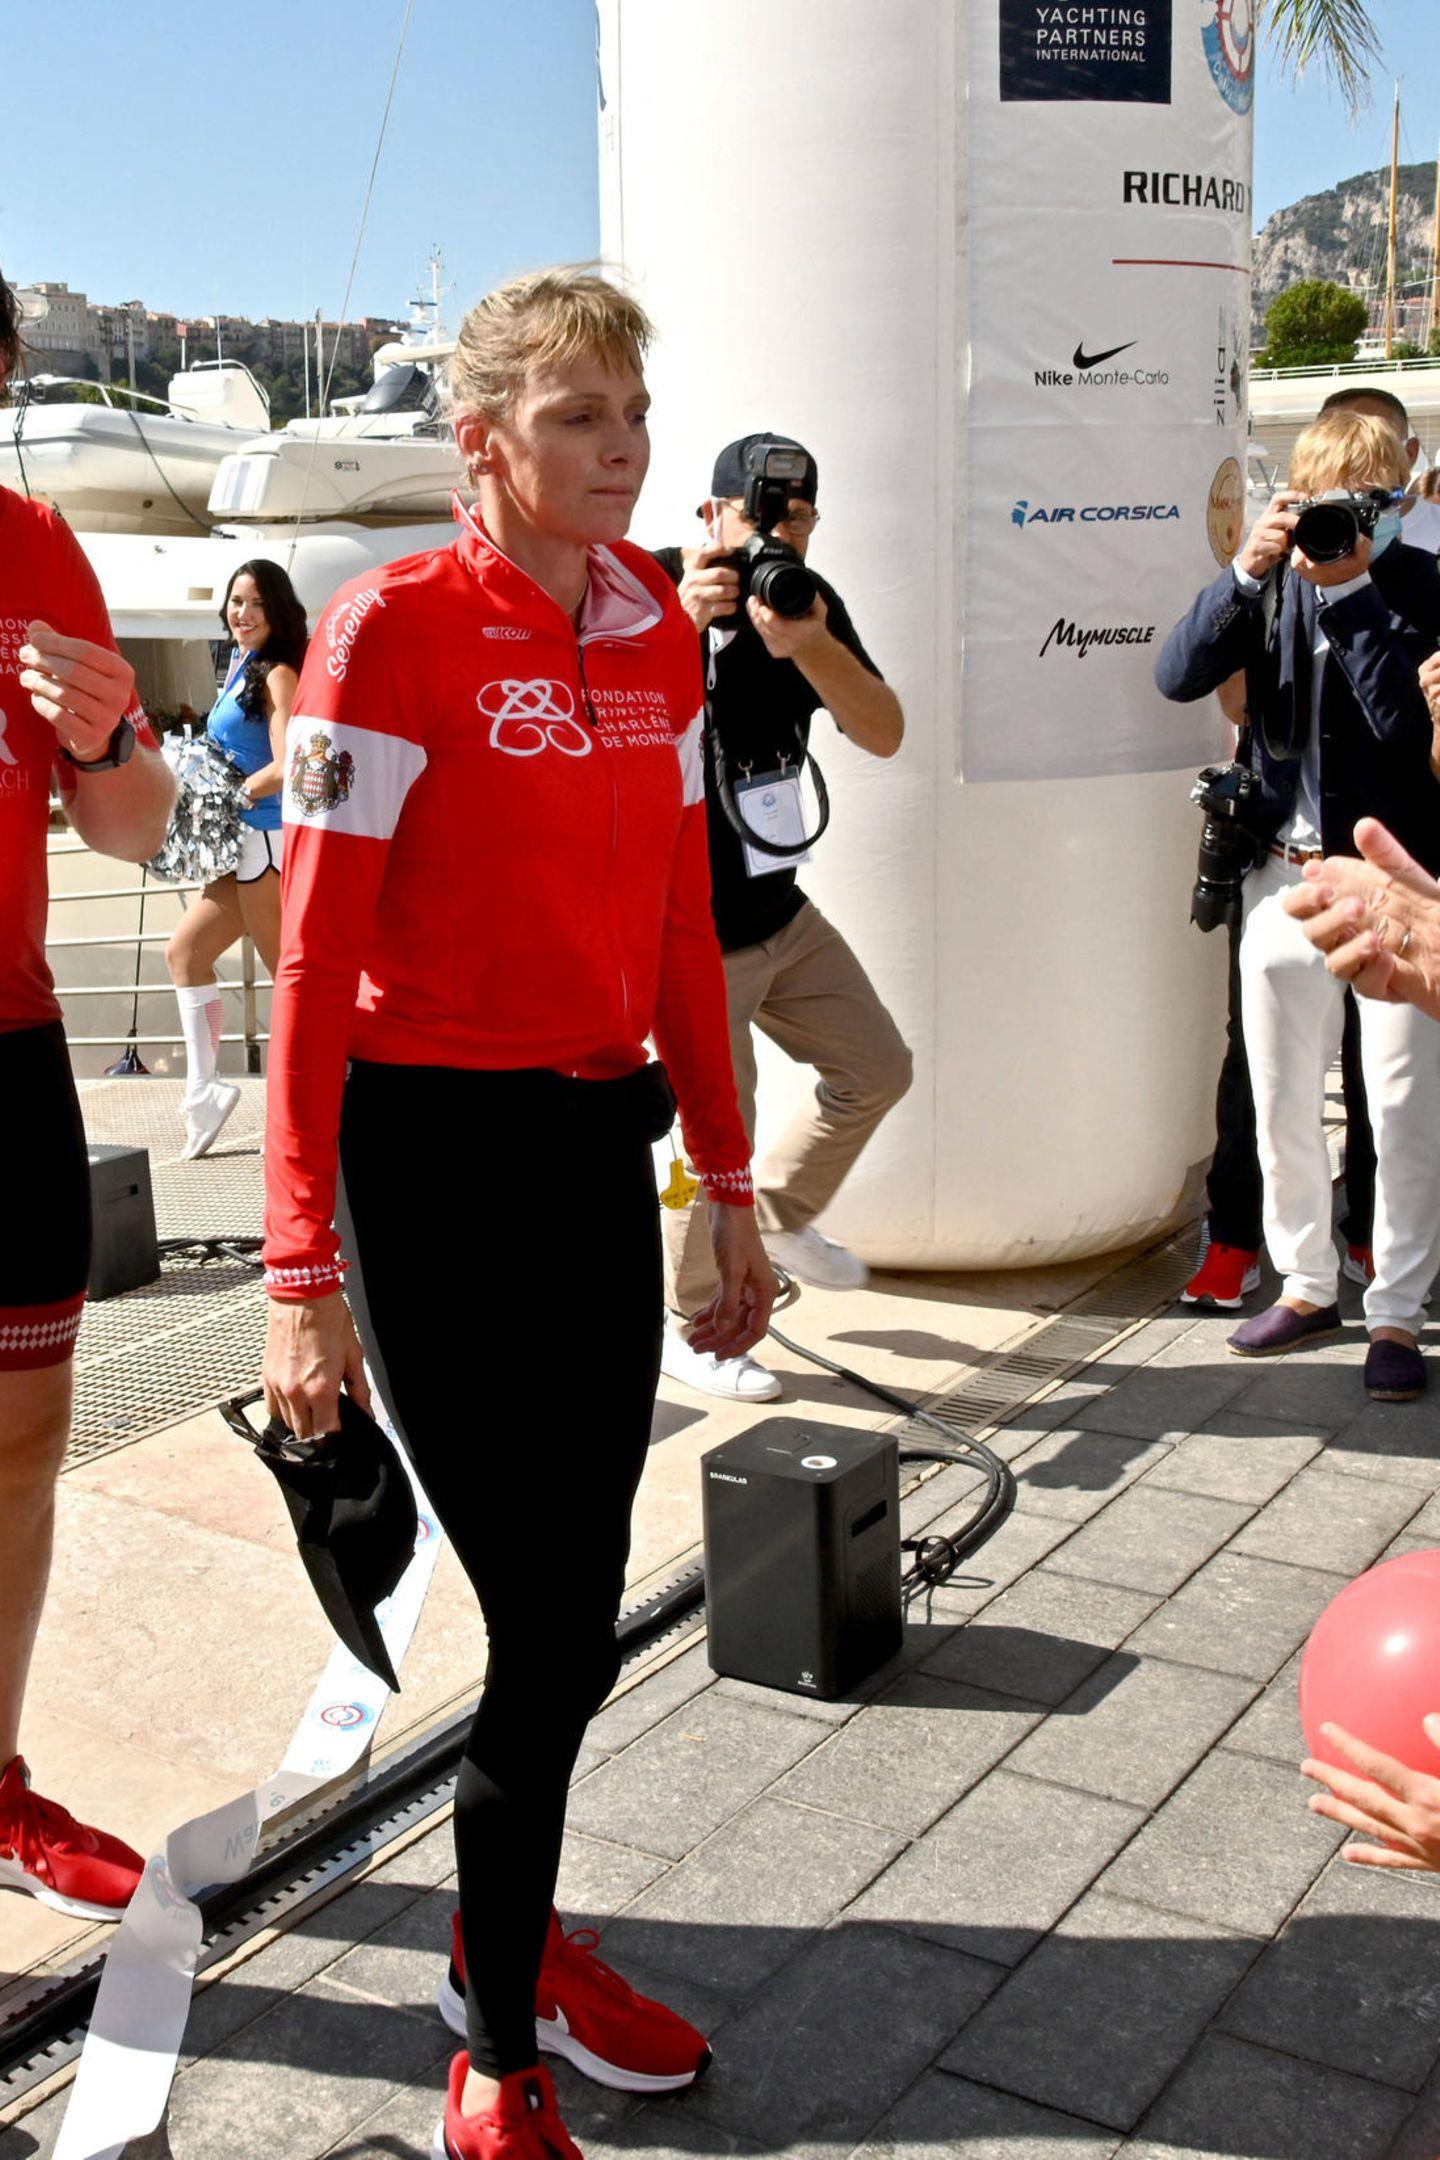 """Fürstin Charlène von Monaco hat am Wochenende ihre Sportlichkeit unter Beweis gestellt: Sie kommtim Hafen von Monaco als Erste ans Ziel der """"The Crossing Calvi Monaco Water Bike Challenge"""" und fällterschöpft, aber überglücklich ihrem Mann Albert in die Arme. Sie zeigtsich an dem Tag nicht nur extrem nahbar, auch ihr Kleidungsstil unterscheidet sich doch enorm, von dem, was wir eigentlich von ihr gewohnt sind ..."""